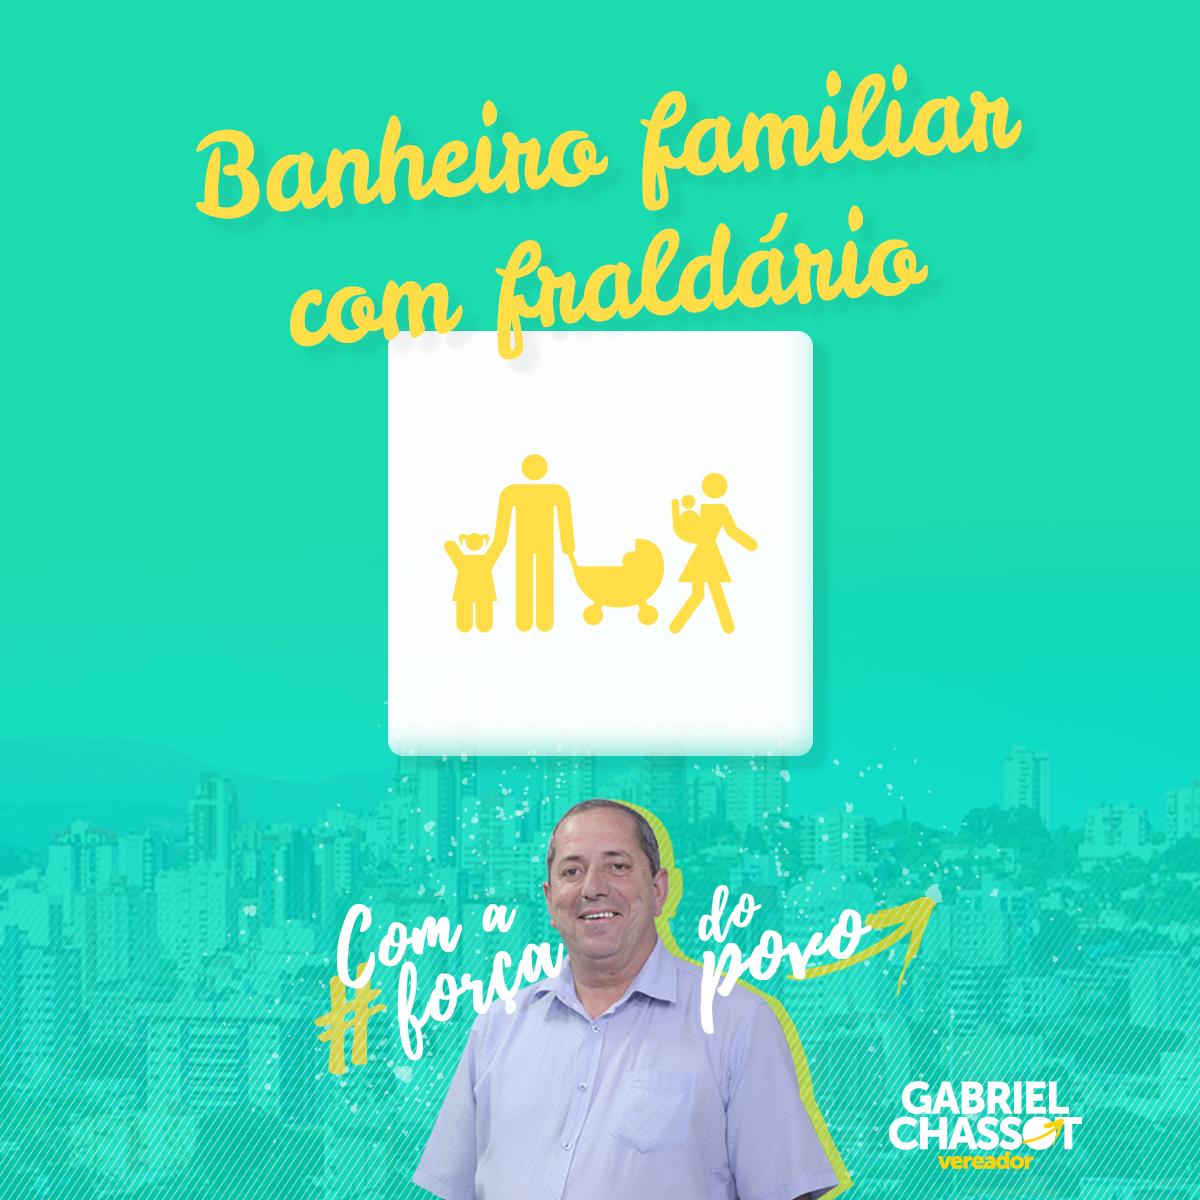 10/10/2018 – Vereador Gabriel Chassot apresenta projeto para banheiro familiar